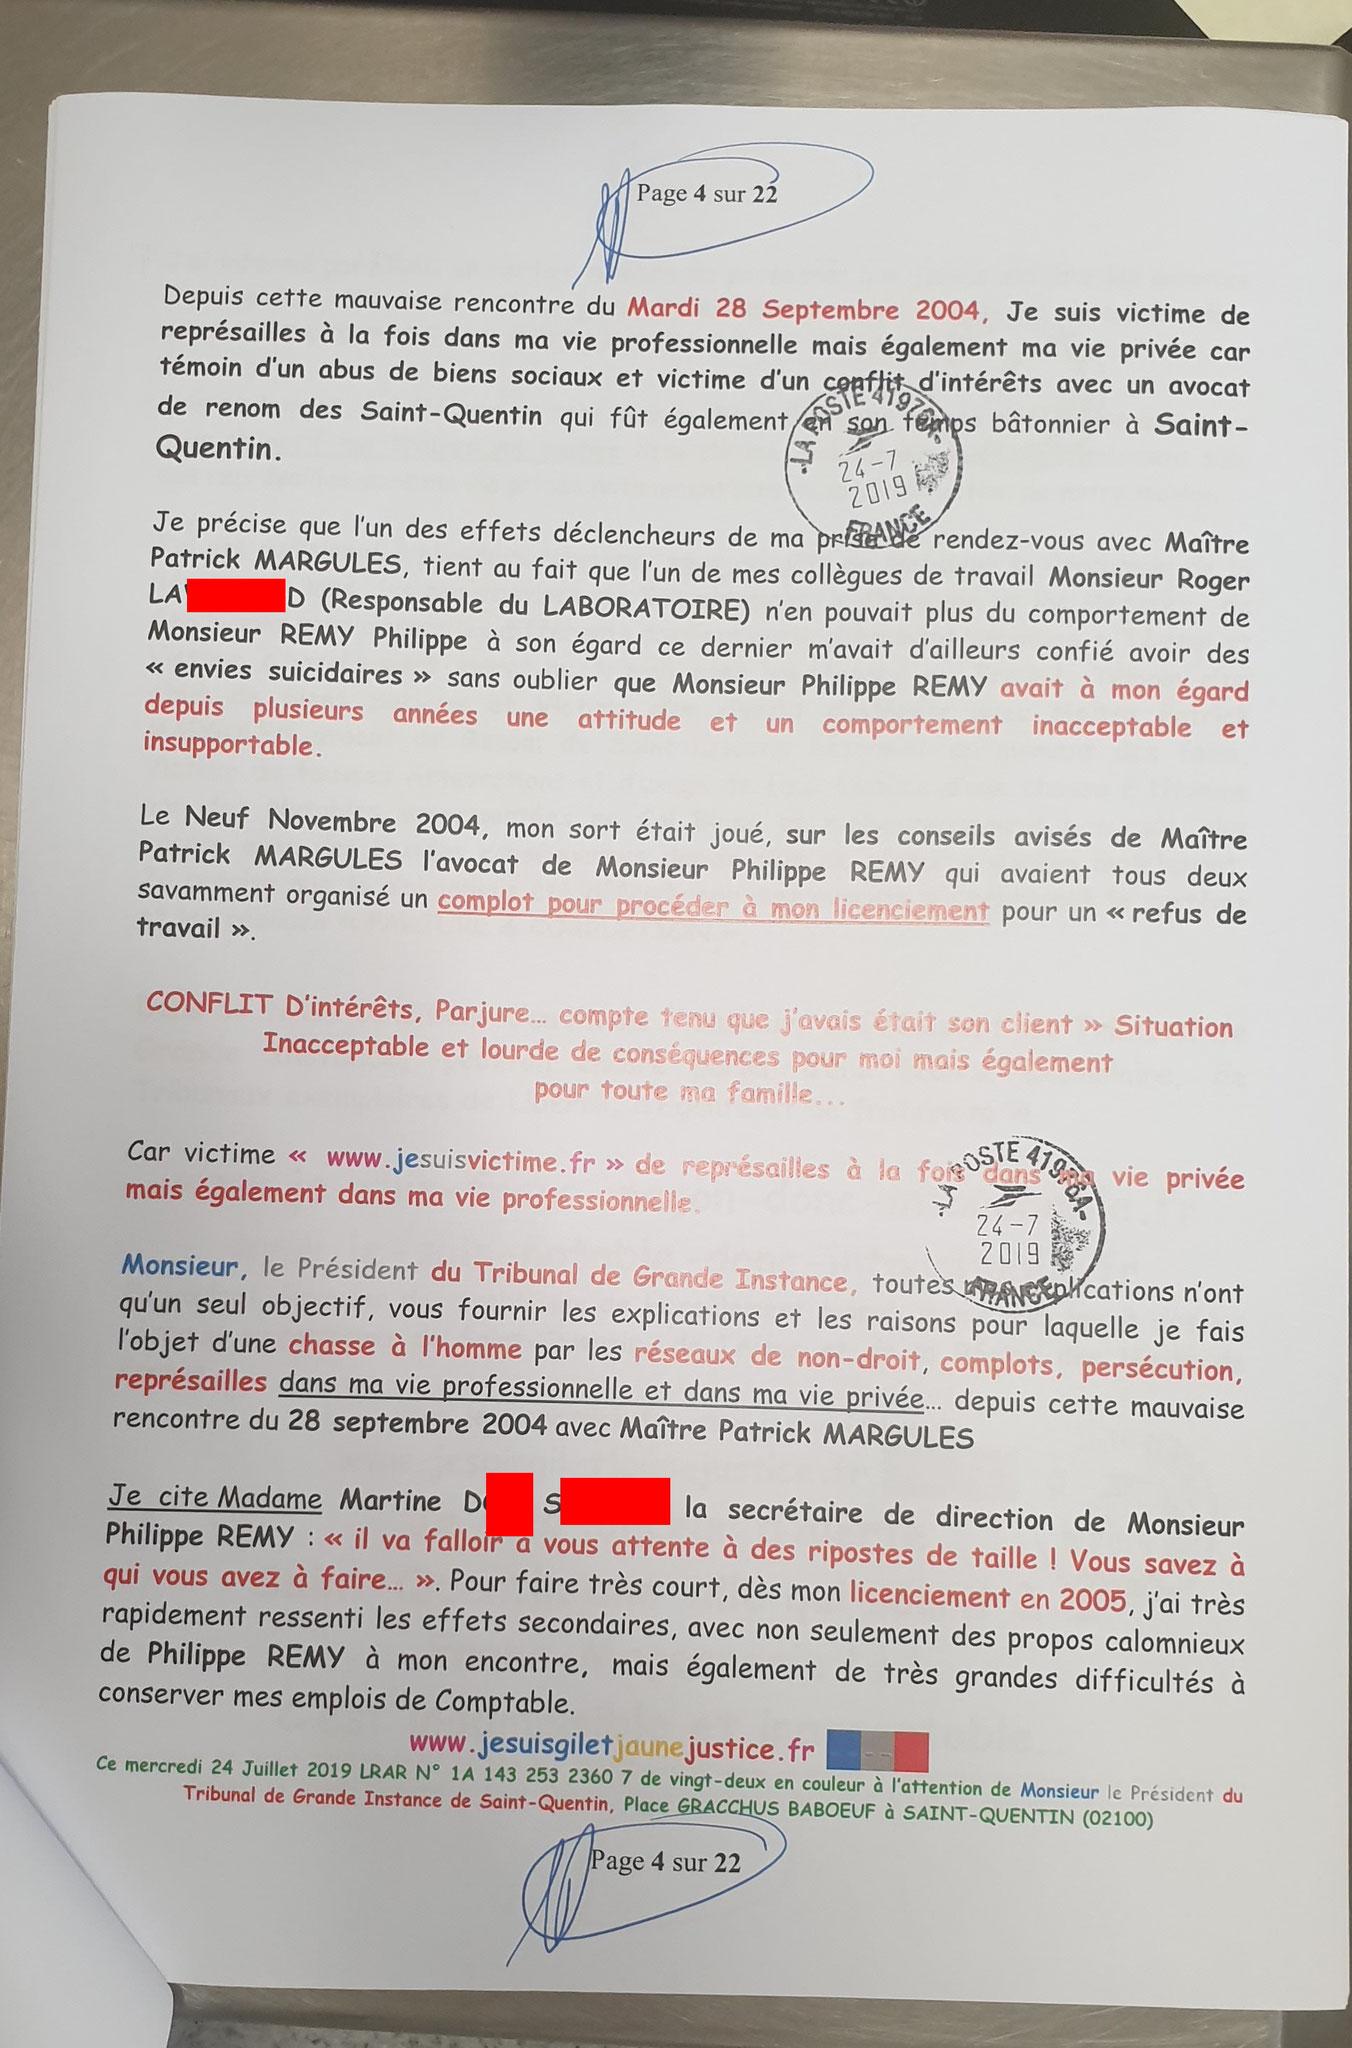 Mise en demeure de me porter ASSISTANCE... Ma Lettre recommandée adressé le 24 Juillet 2019 à Monsieur le Président du Tribunal de Grande Instance de Saint-Quentin www.jenesuispasunchien.fr www.jesuisvictime.fr www.jesuispatrick.fr NE RENONCEZ PAS